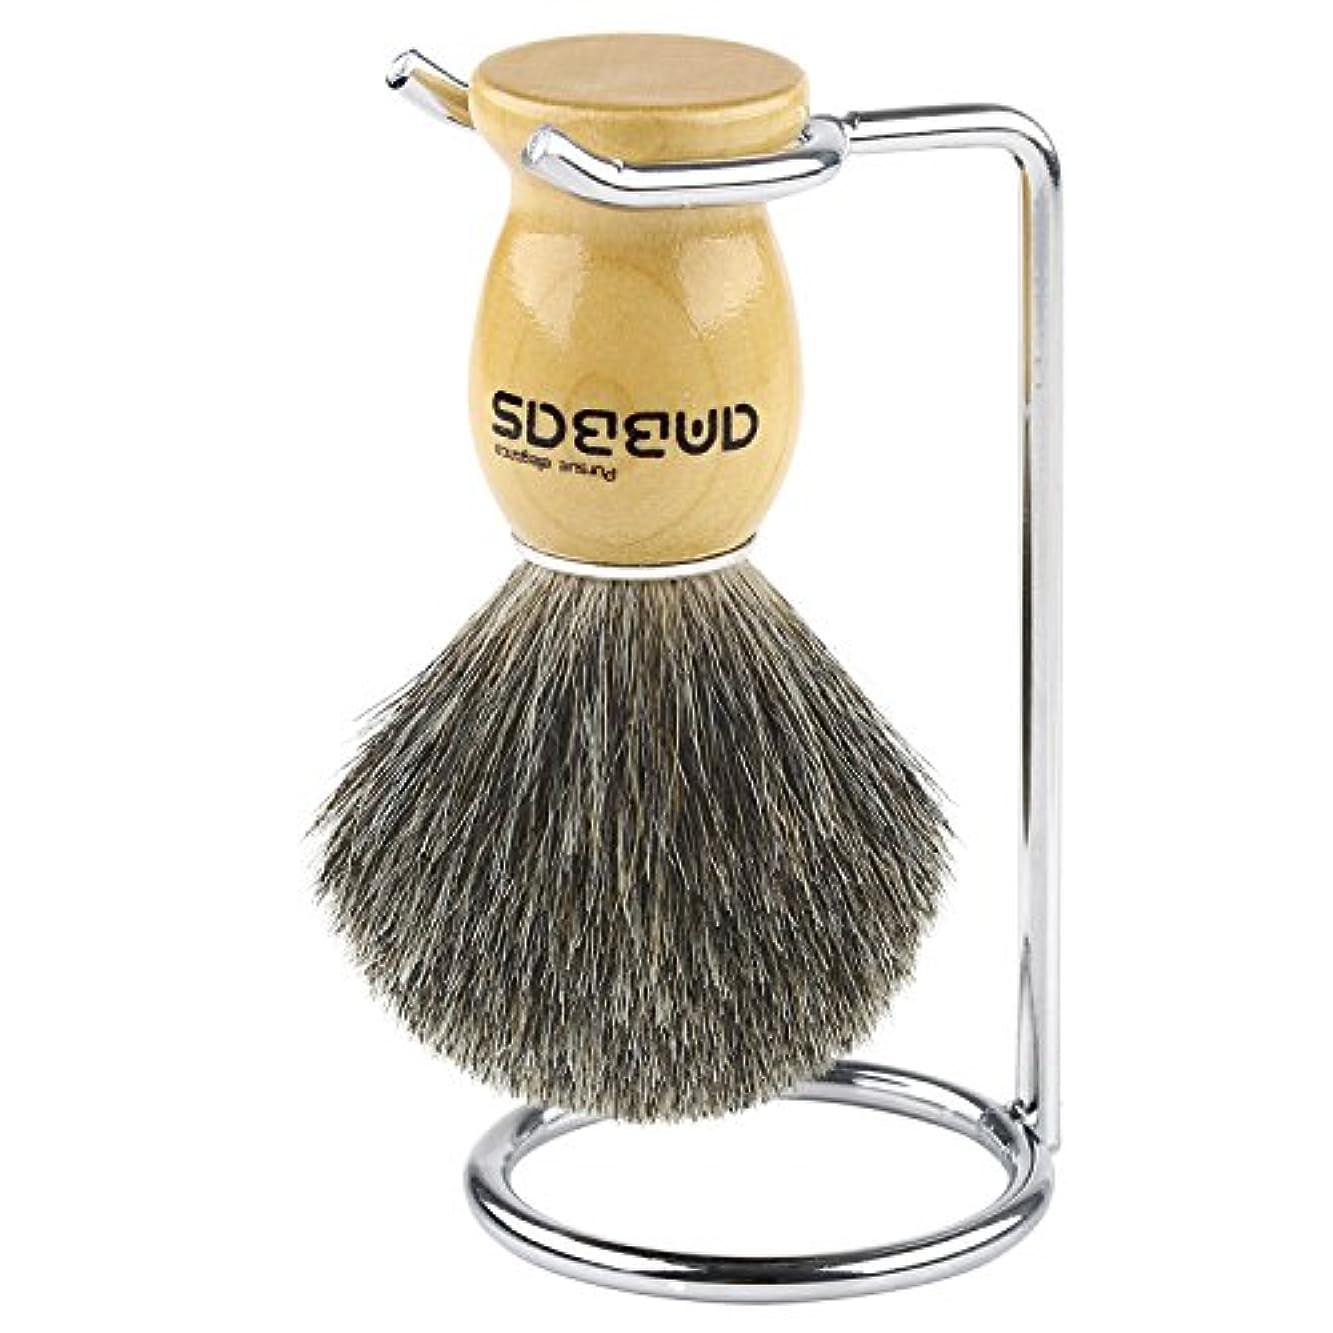 中間推定華氏Anbbas シェービングブラシセット アナグマ毛 ブラシ+スタンド 2点セット メンズ 髭剃り 泡立ち 洗顔ブラシ